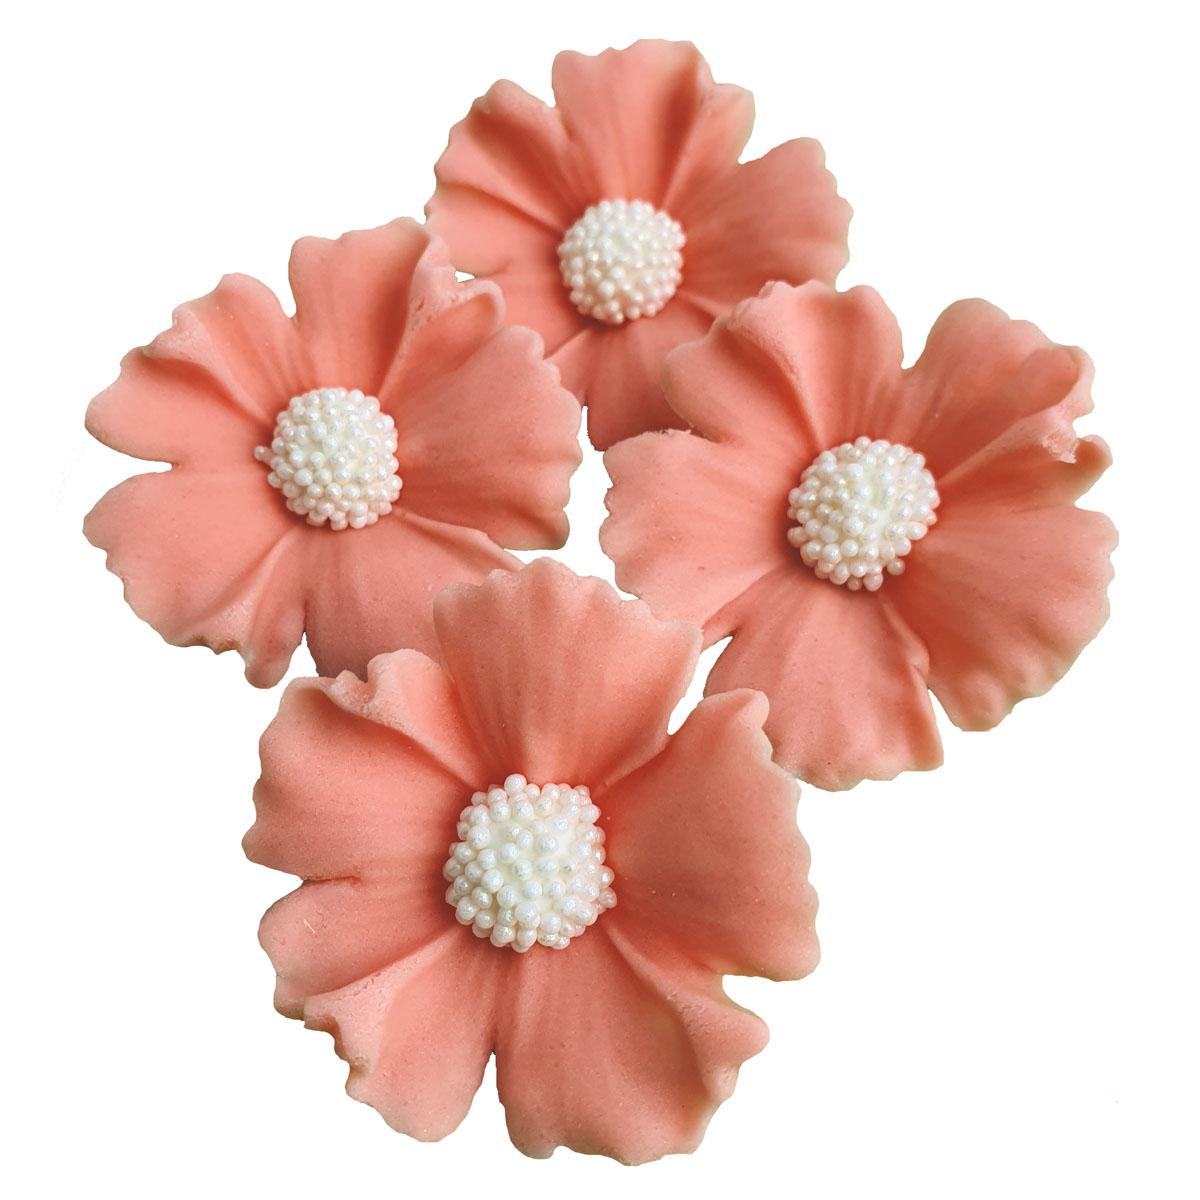 Zuckerblumen Kornblume 4 Stück - Lachsfarbe